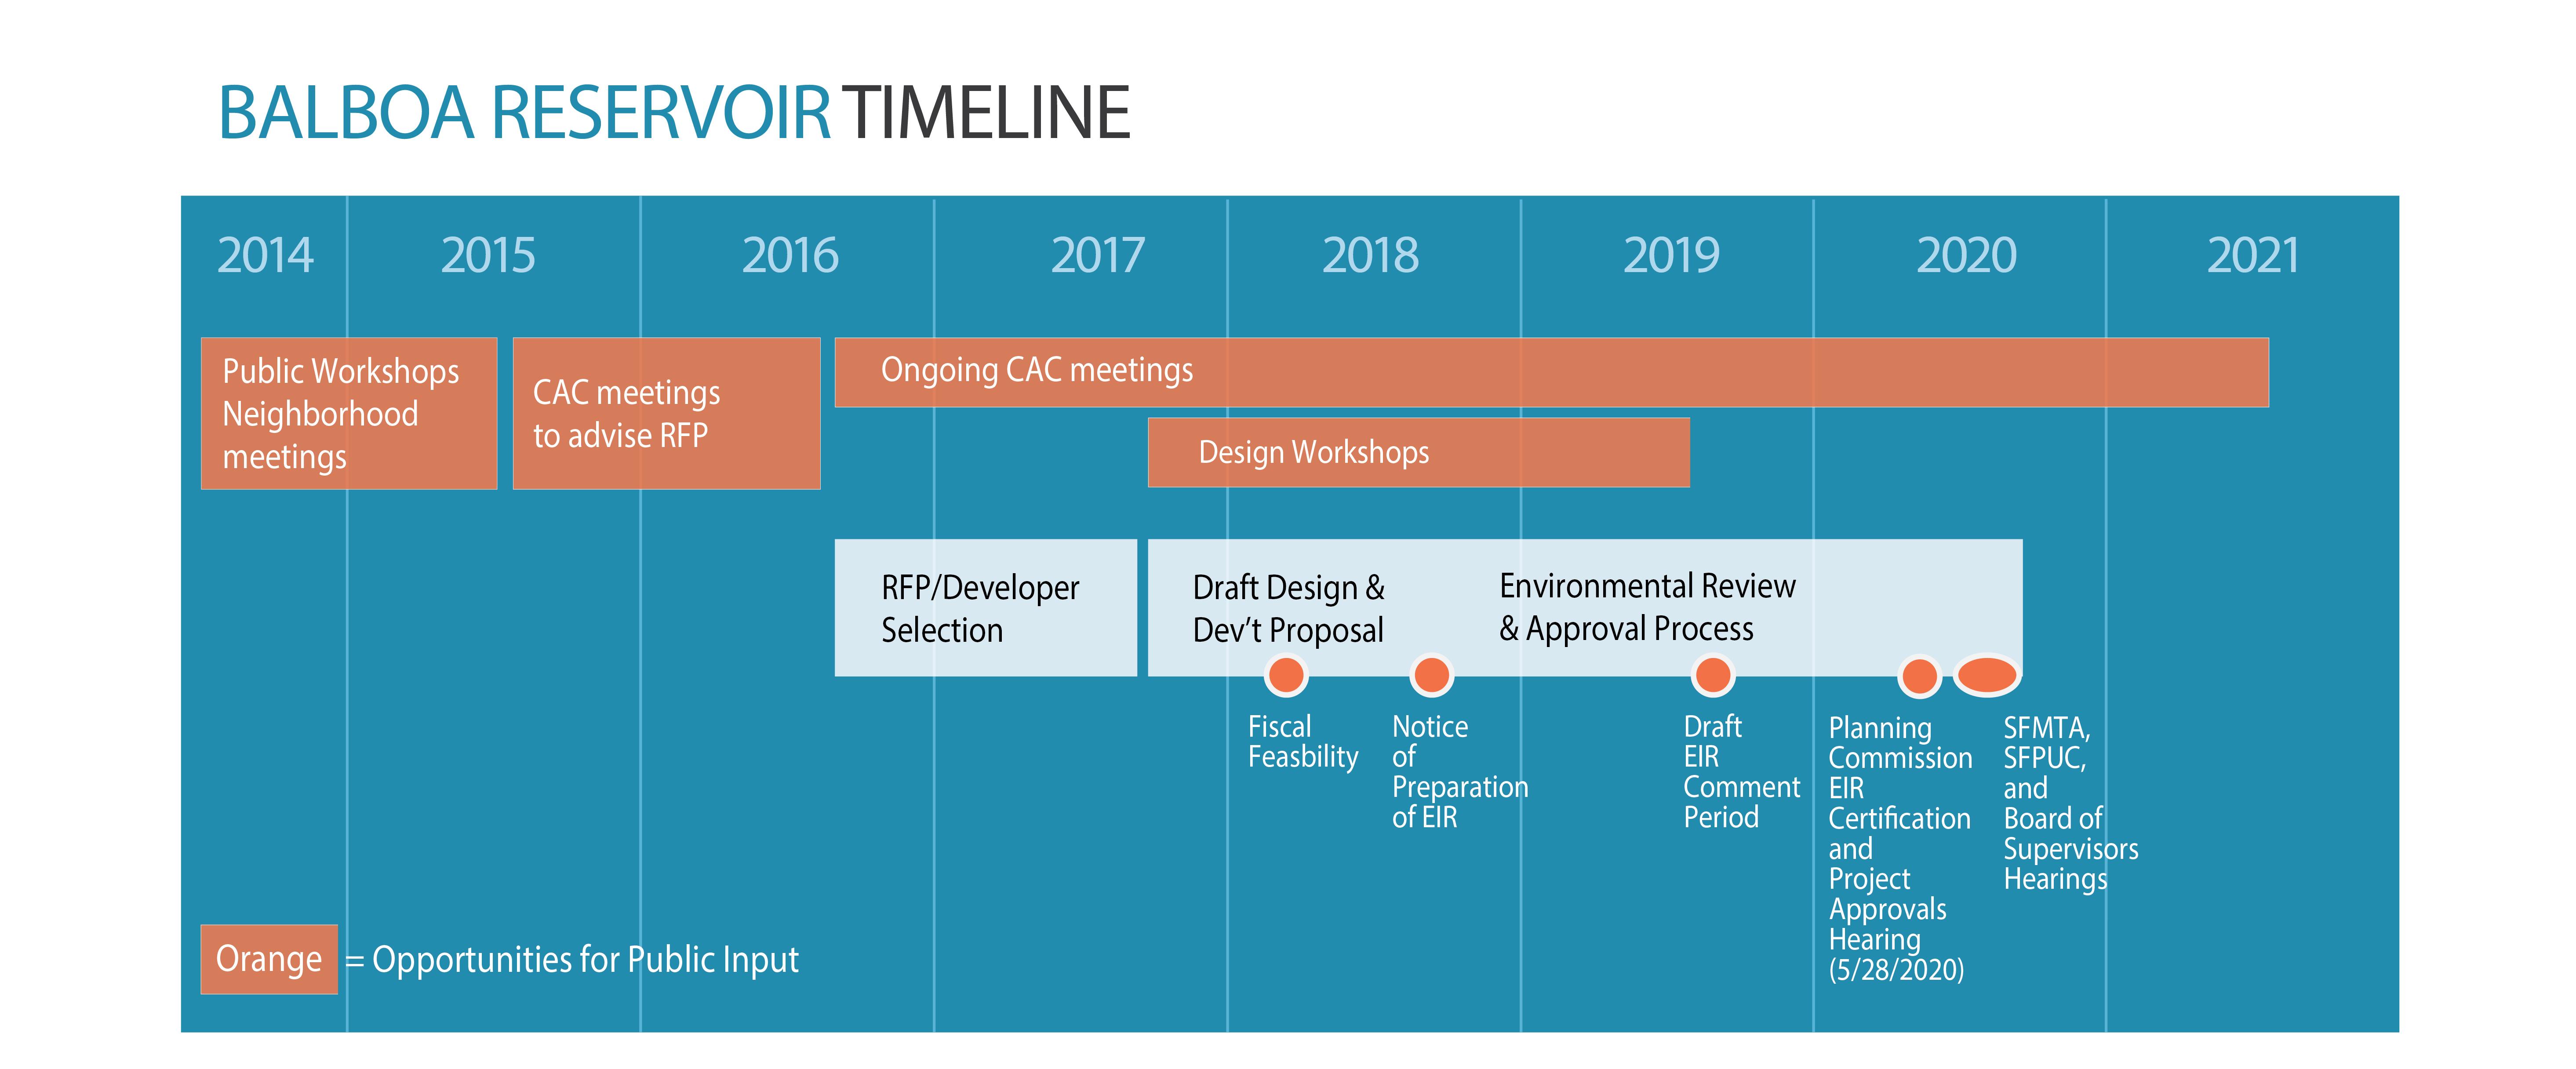 Balboa Reservoir Project Timeline